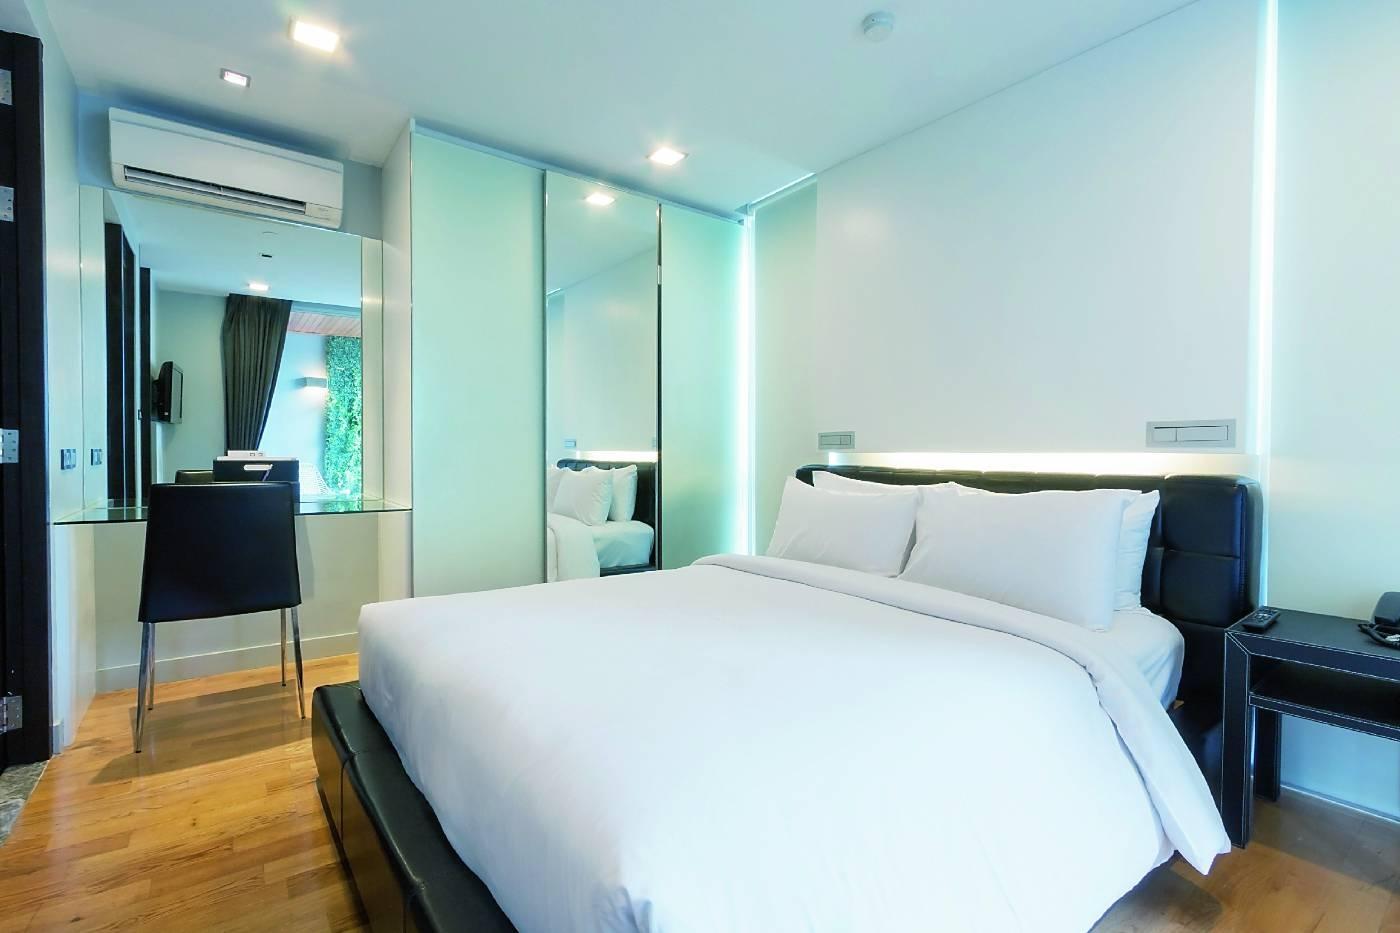 Sypialnia Jak Ją Urządzić ładny Dom